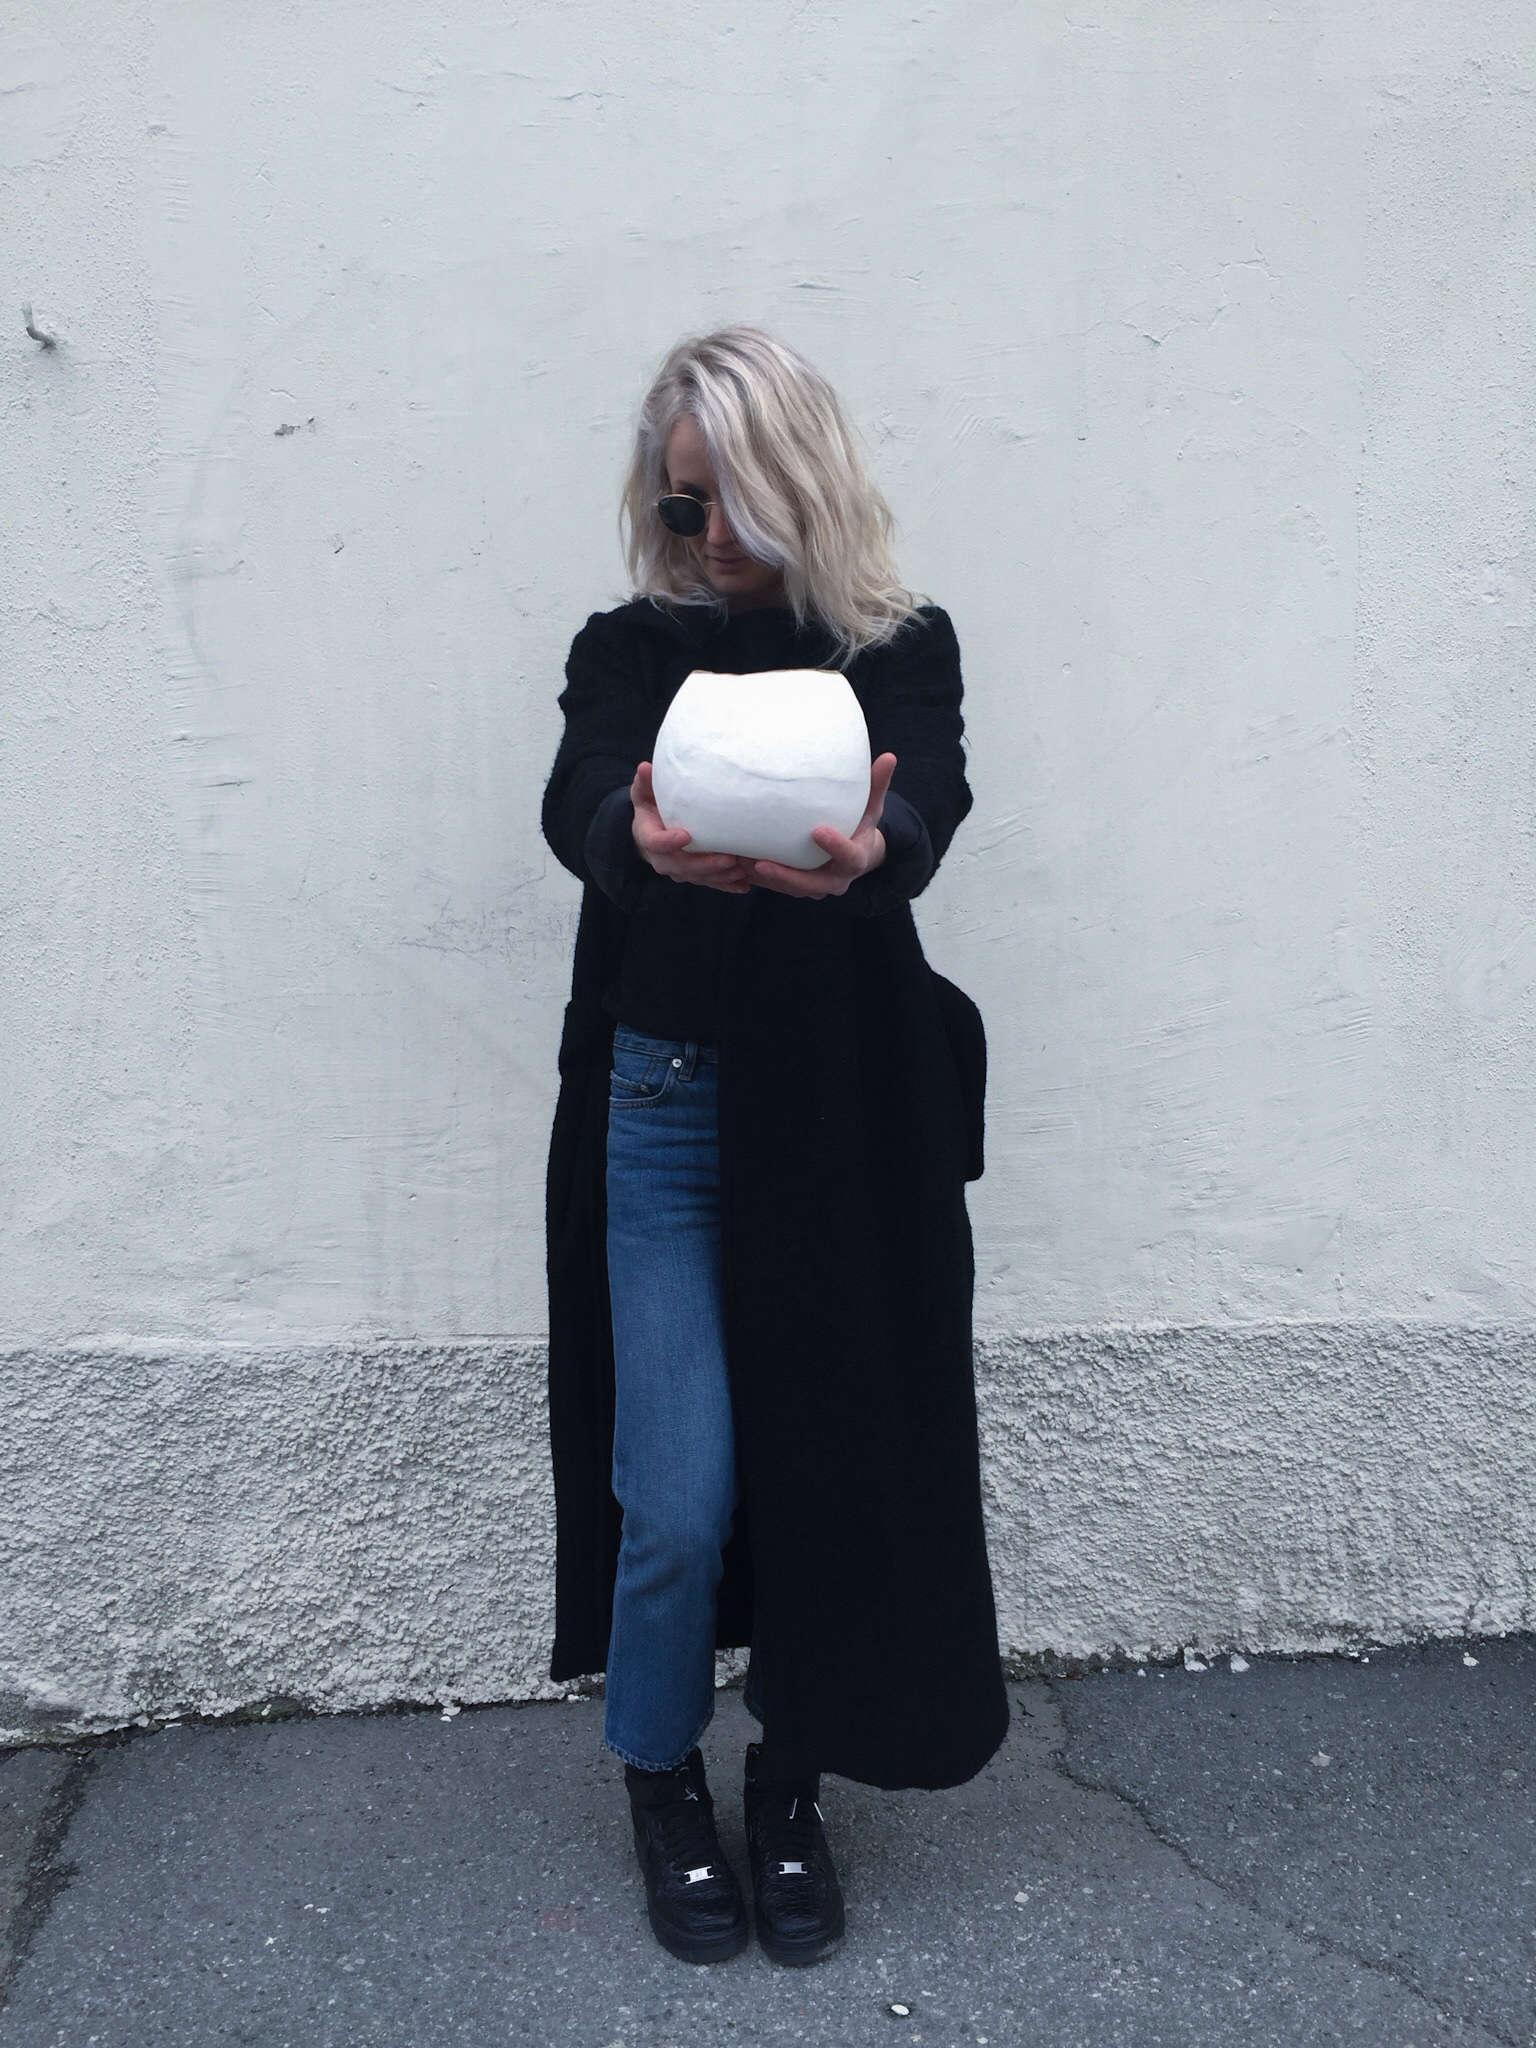 Elin Lannsjo ceramics, globe, Remodelista